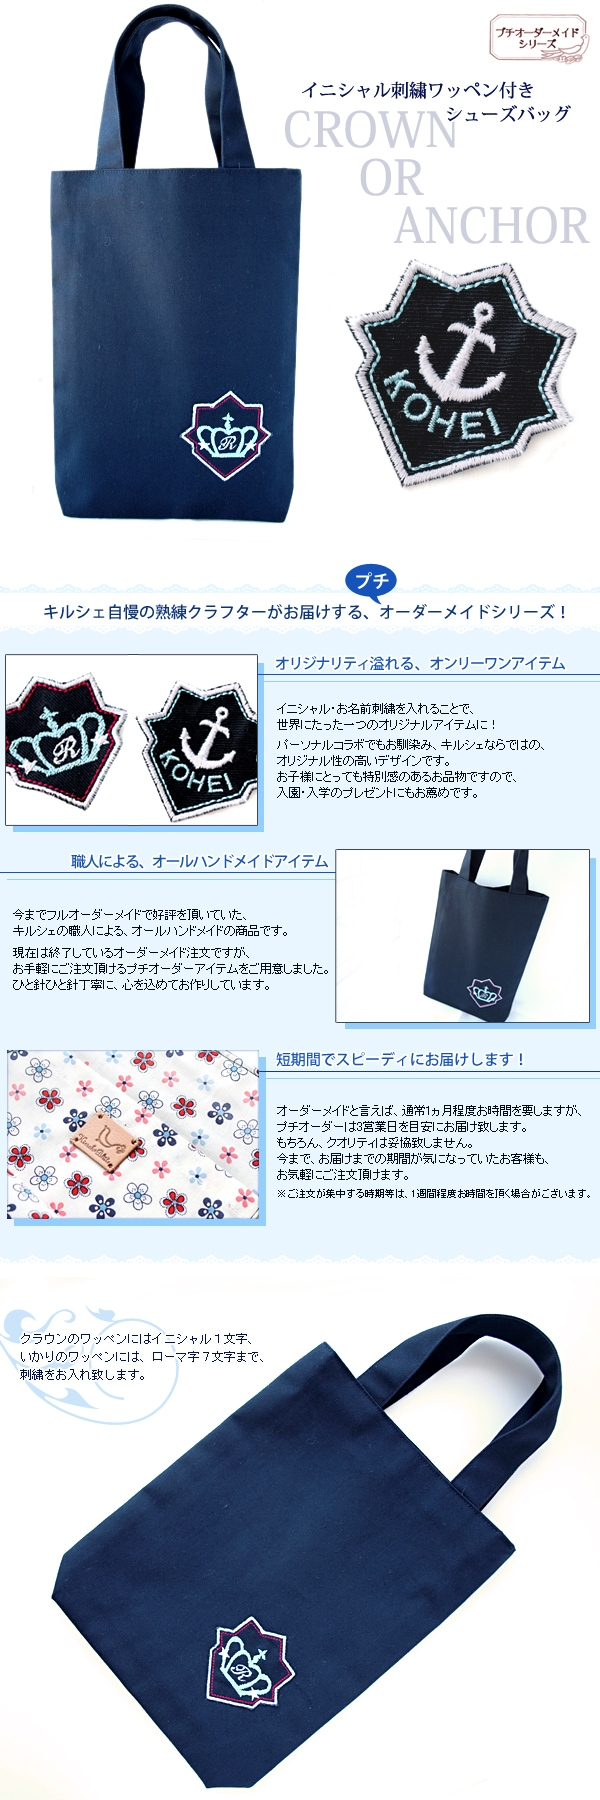 【プチオーダー】イニシャル刺繍ワッペン付きシューズバッグ【濃紺】 ORD-SB-CROWN